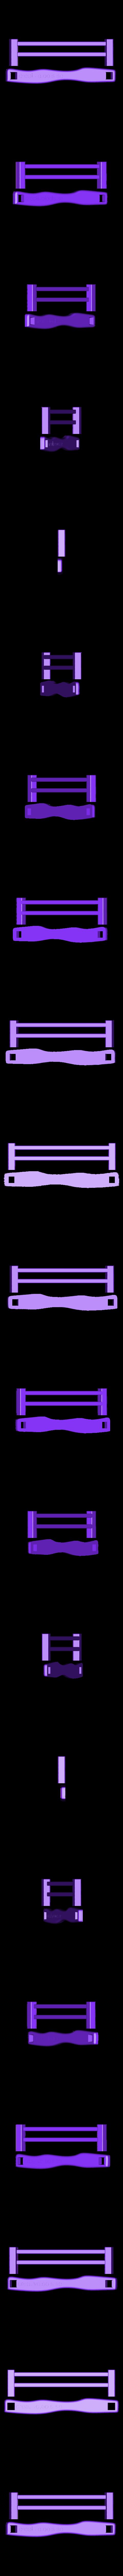 Fence_Assembly_(Modular Castle Playset - 3D-printable)_By_CreativeTools.se.stl Télécharger fichier STL gratuit Plateau modulaire de château (imprimable en 3D) • Modèle à imprimer en 3D, CreativeTools